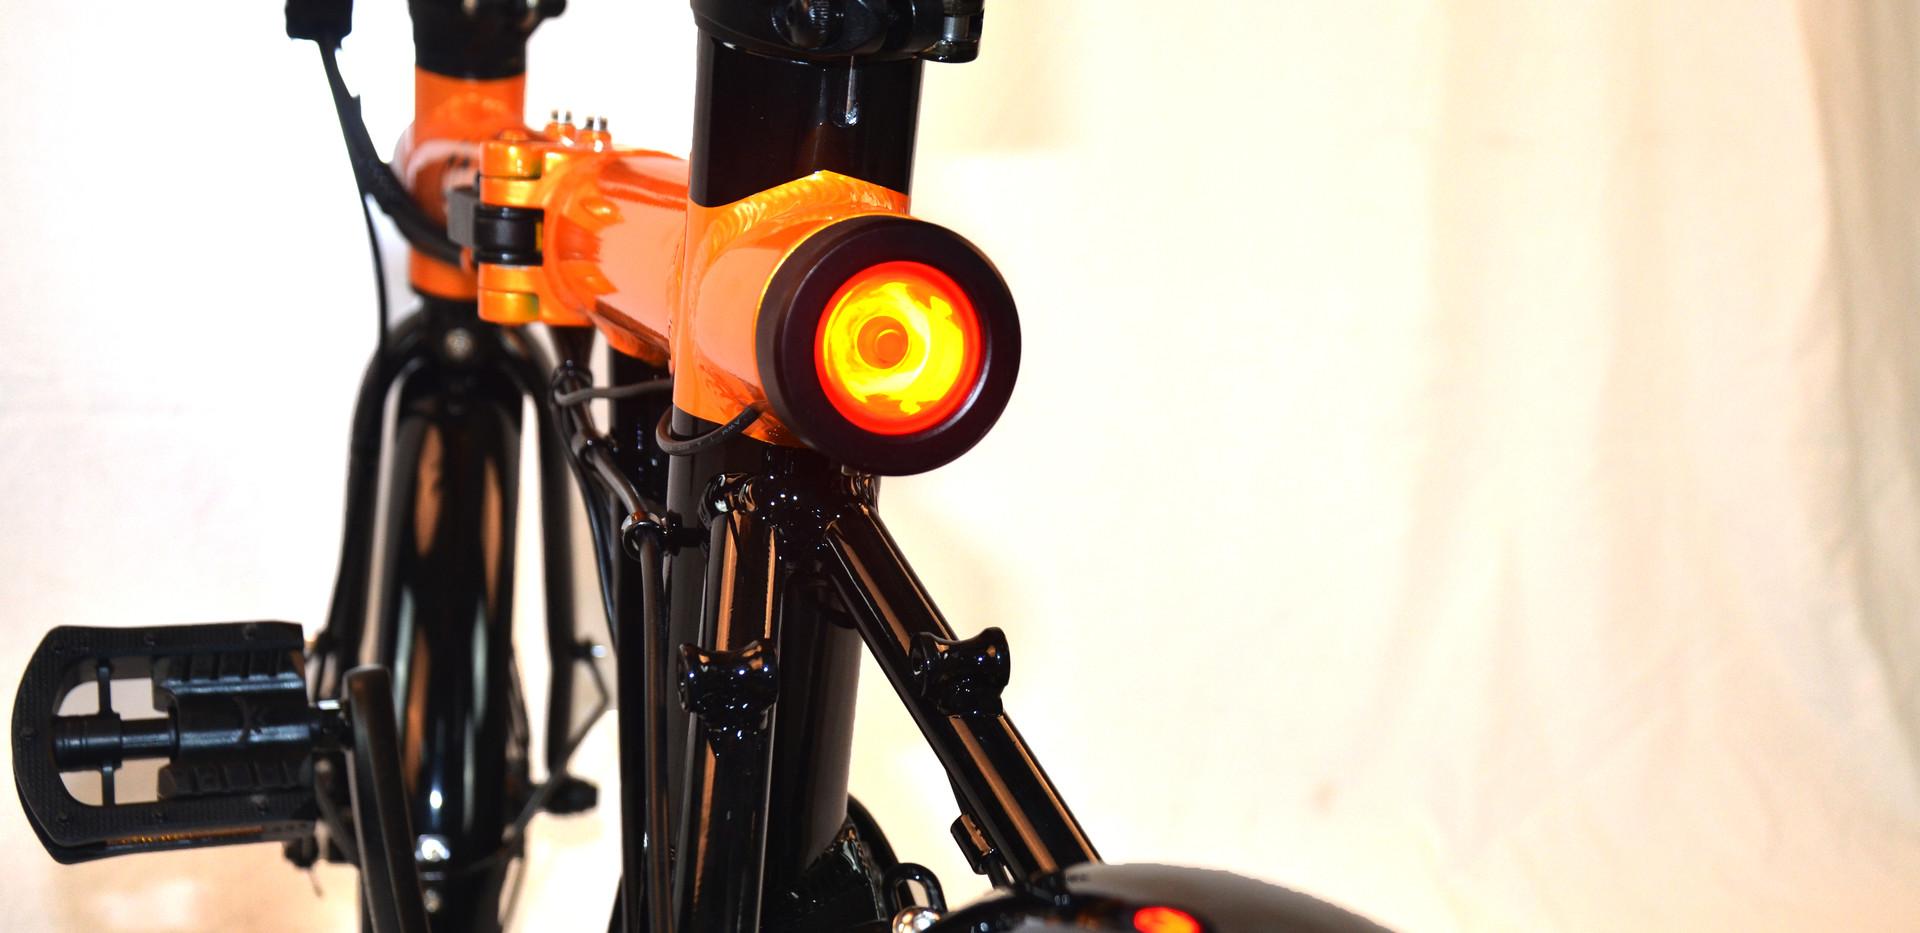 Ebik Mini Rear Light